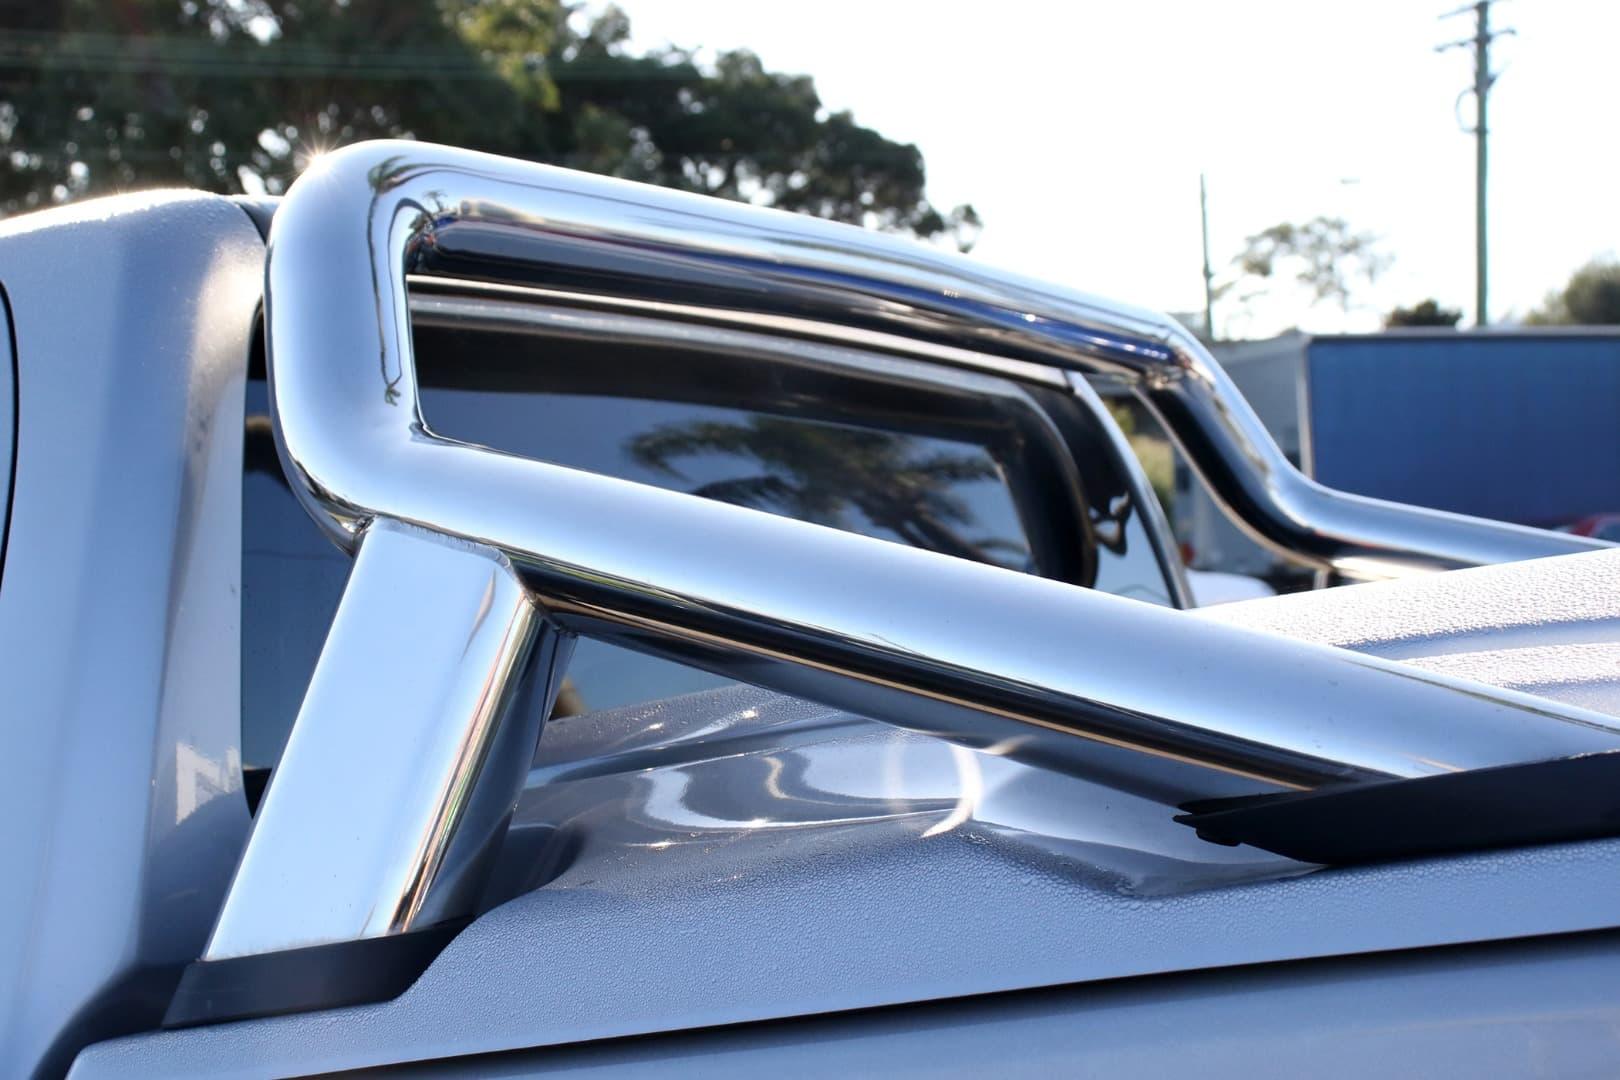 2019 Toyota Hilux SR5 Auto 4x4 Double Cab - image 5